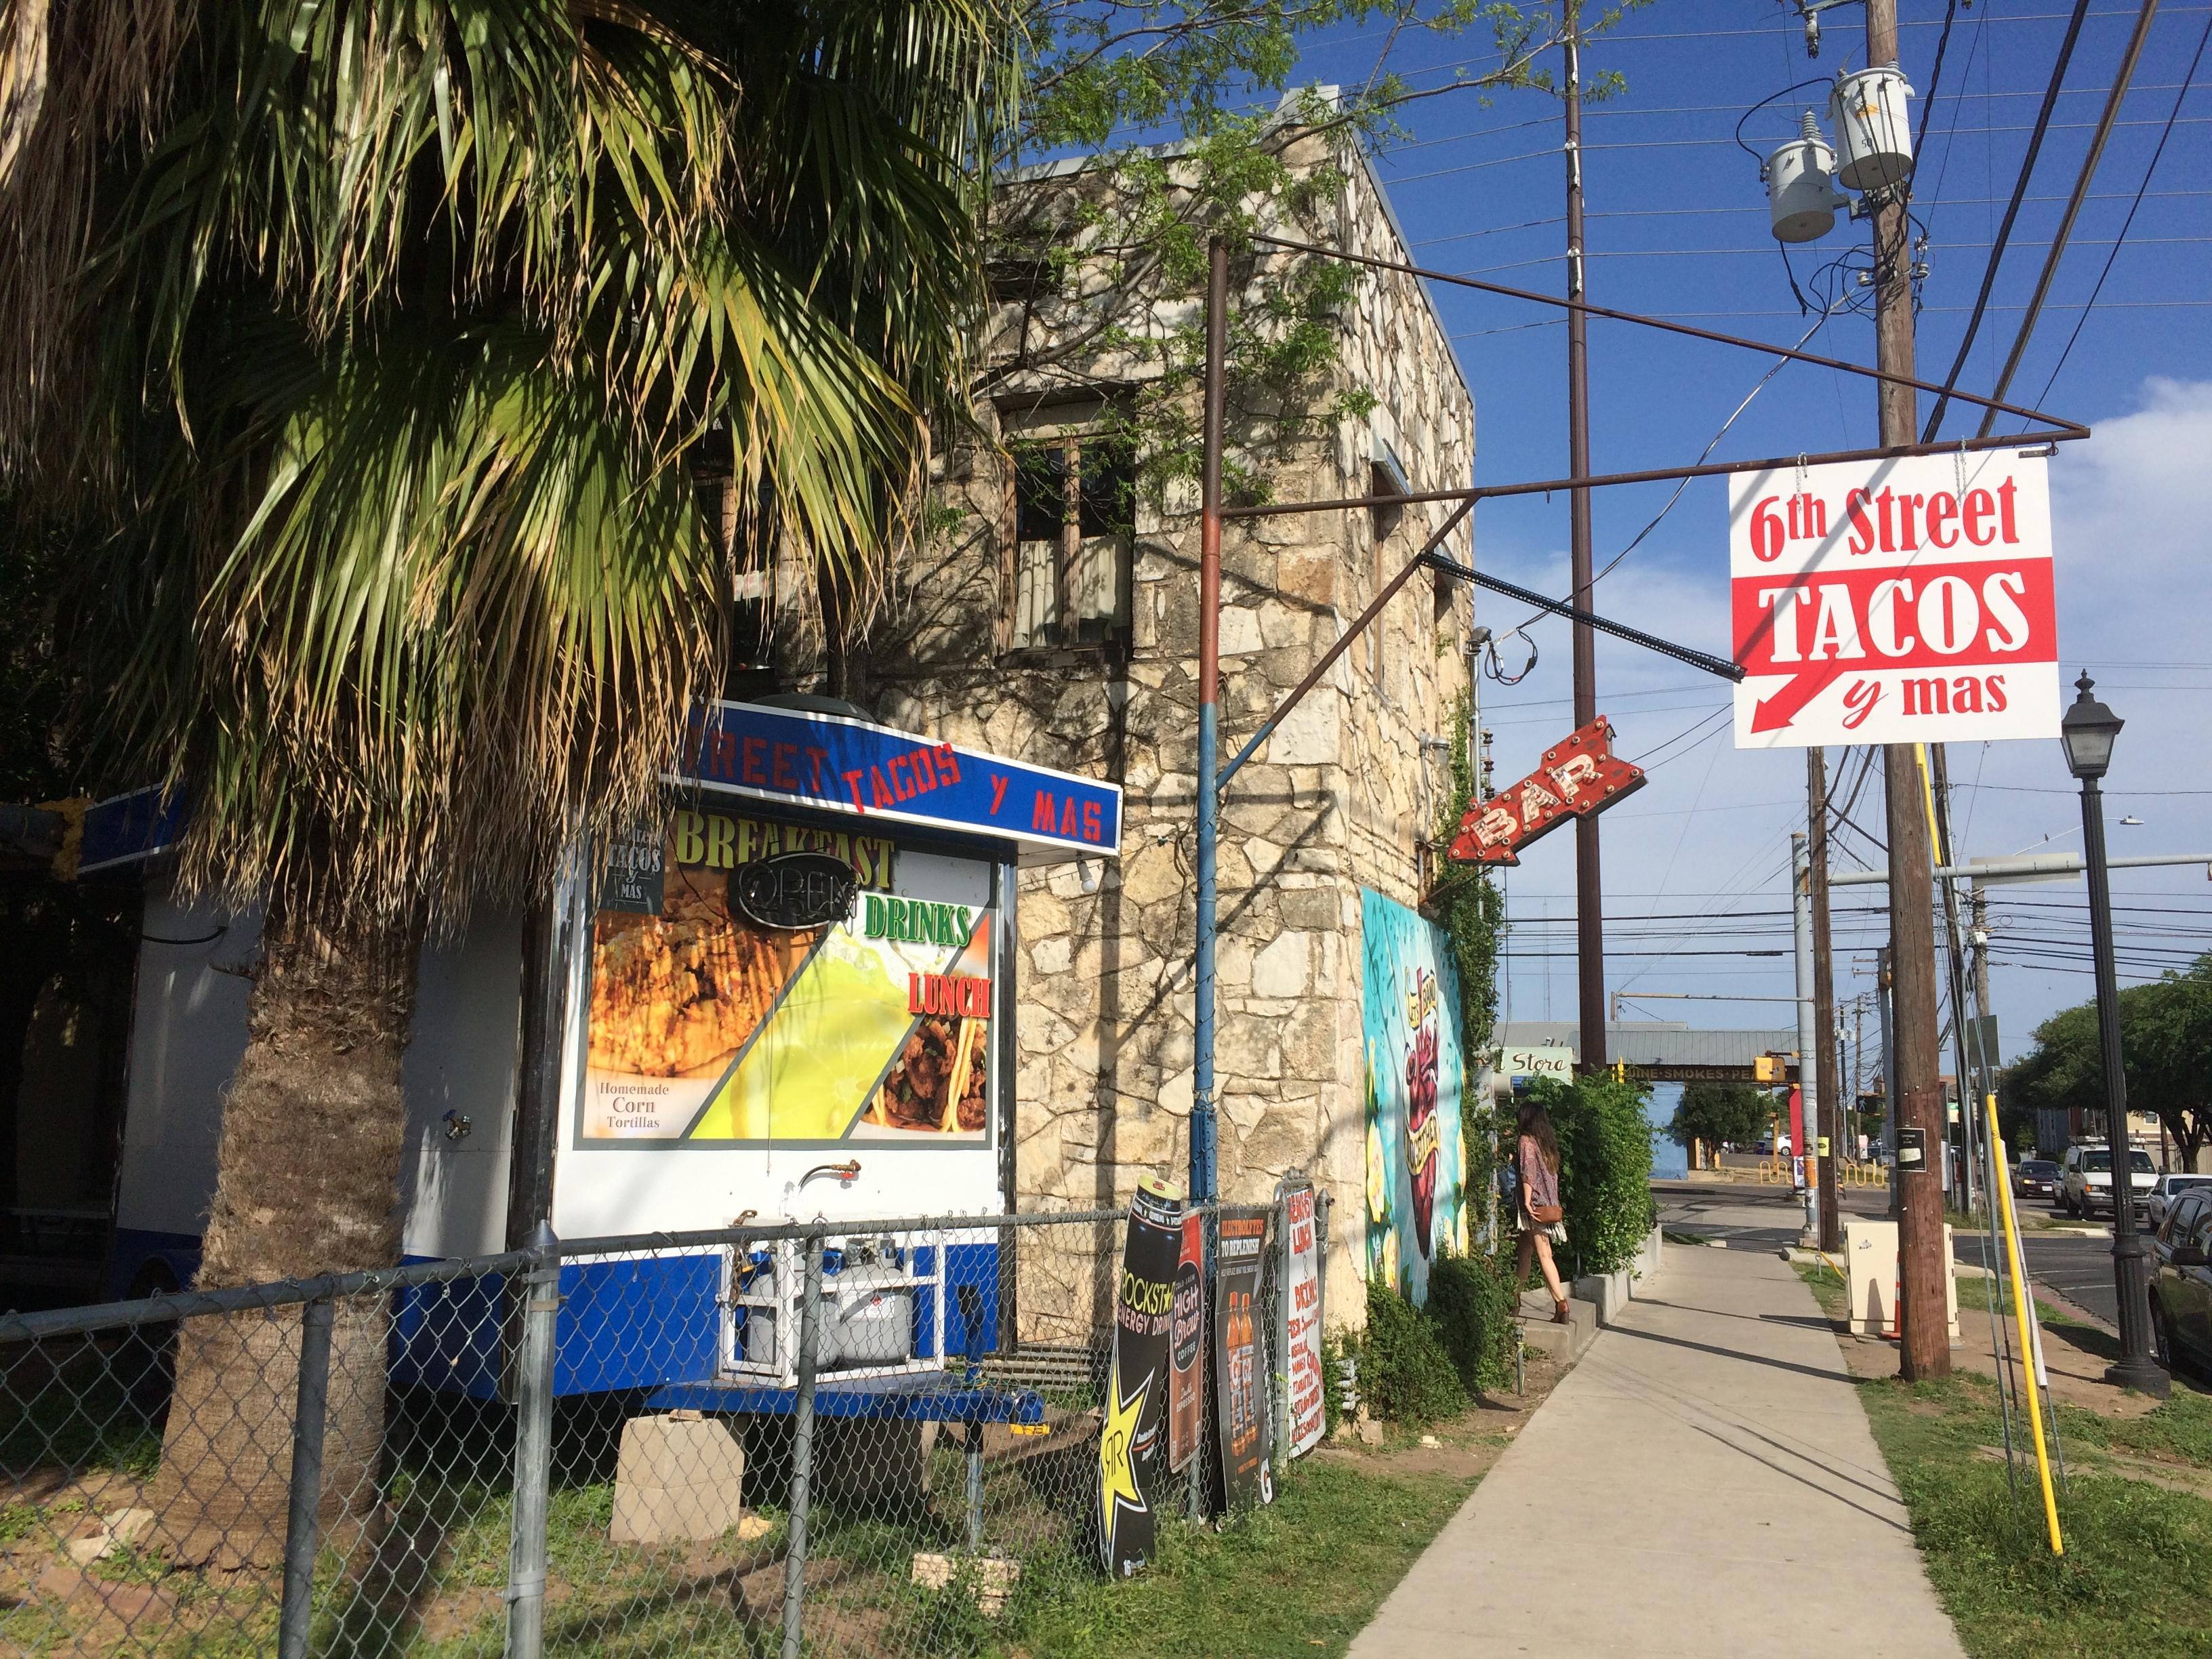 6th Street Tacos Y Mas